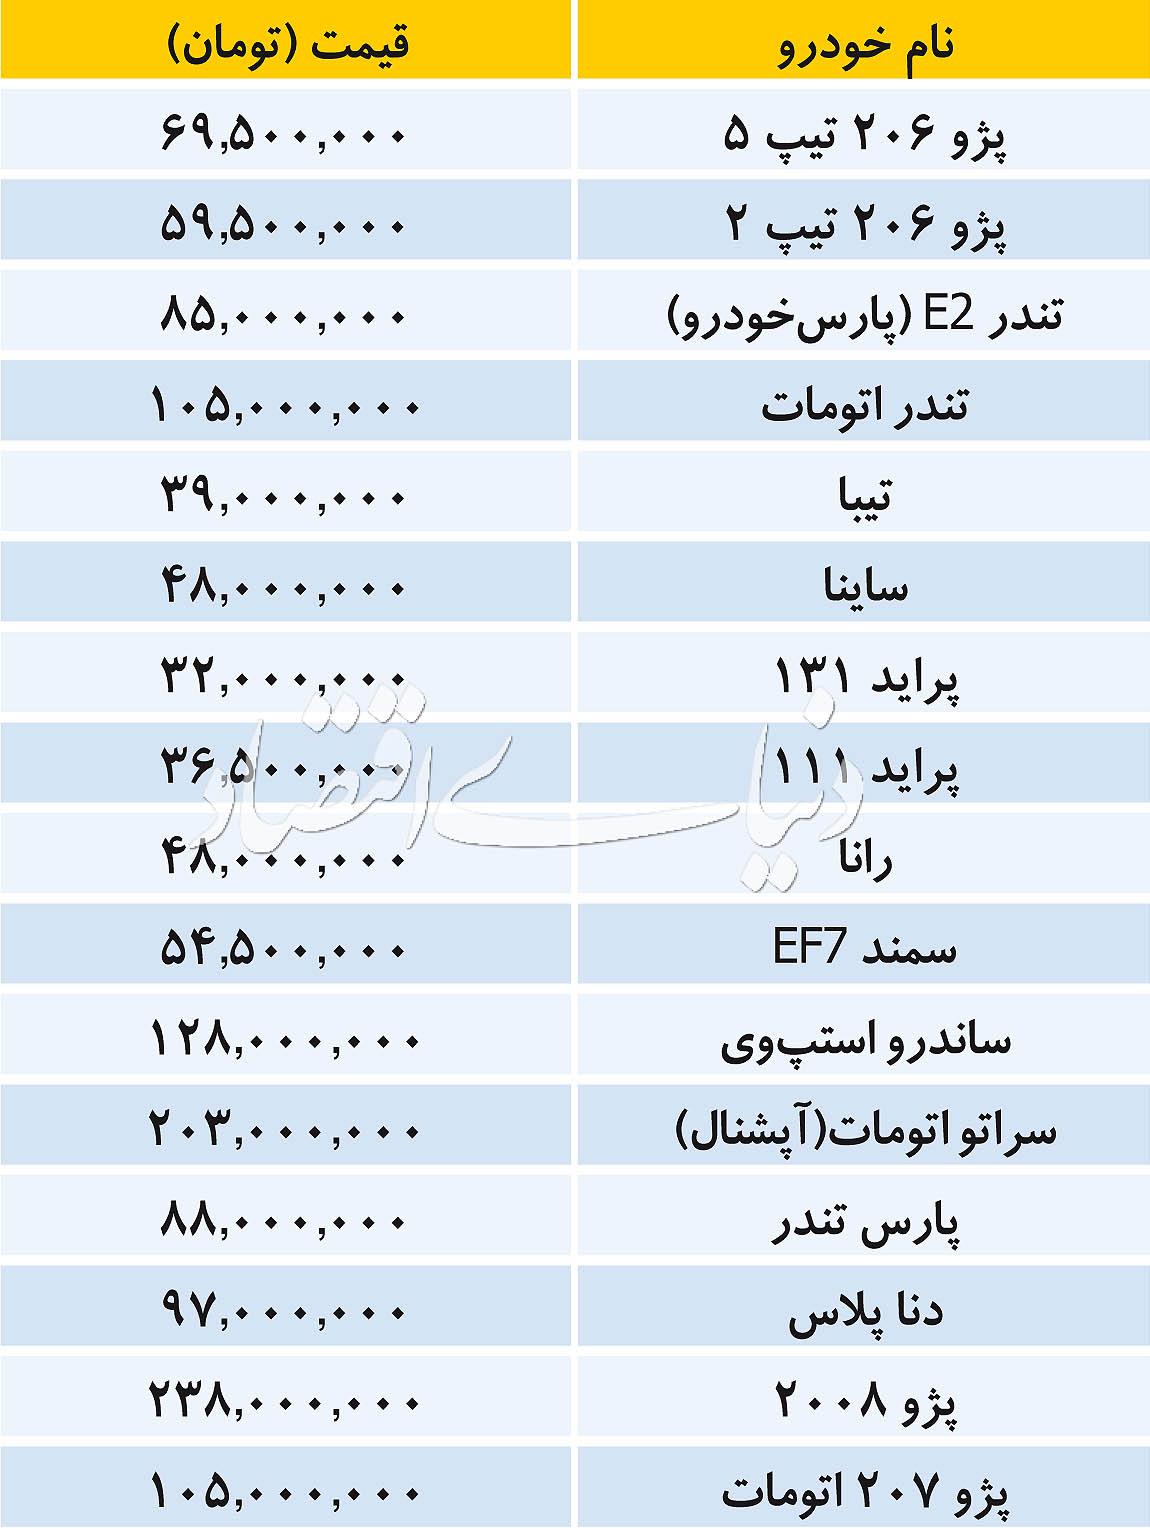 بازار سیاه بلیت پروازهای مشهد/ بازار خودروهای داخلی از ۳۲ تا ۲۳۸ میلیون تومان/ واکنش رئیس کل بانک مرکزی به قطع سوئیفت